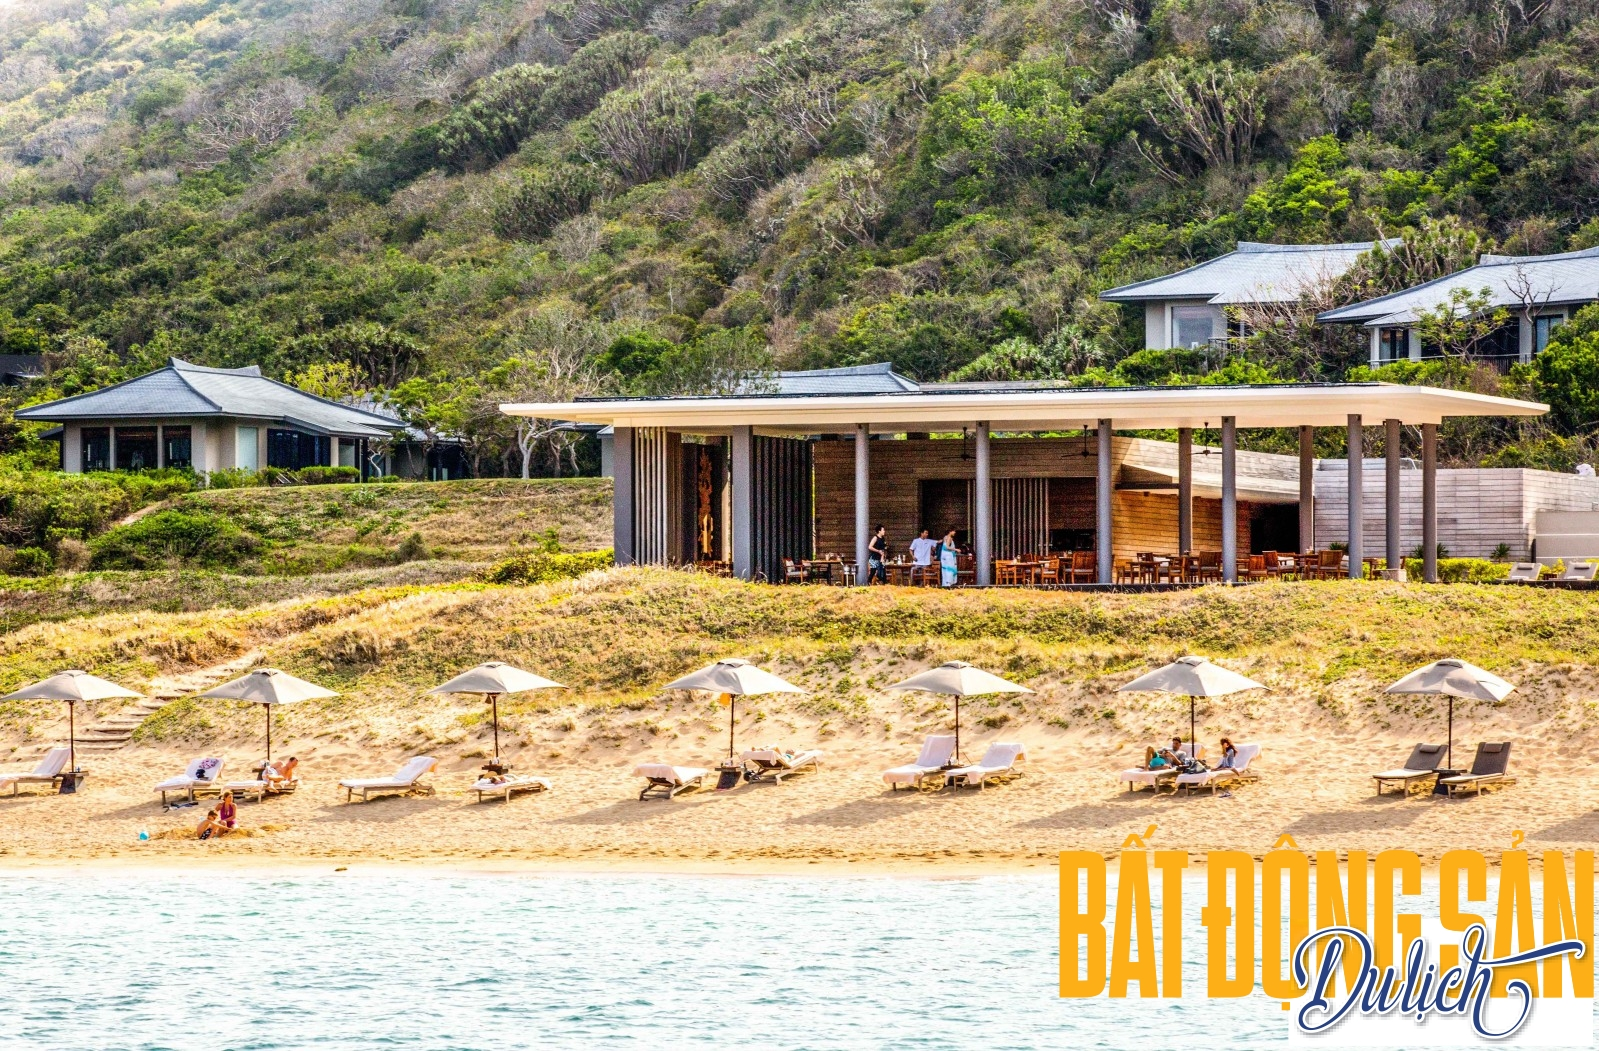 Bãi biển có cát mịn ở vùng biển thuộc Amanoi quản lý riêng, nơi du khách có thể xuống bãi biển nằm đọc sách, thay vì ở trên resort.Nước biển Vĩnh Hy xanh và trong khiến bất kỳ du khách nào cũng muốn đắm mình vào đại dương mênh mông khi đến đây.